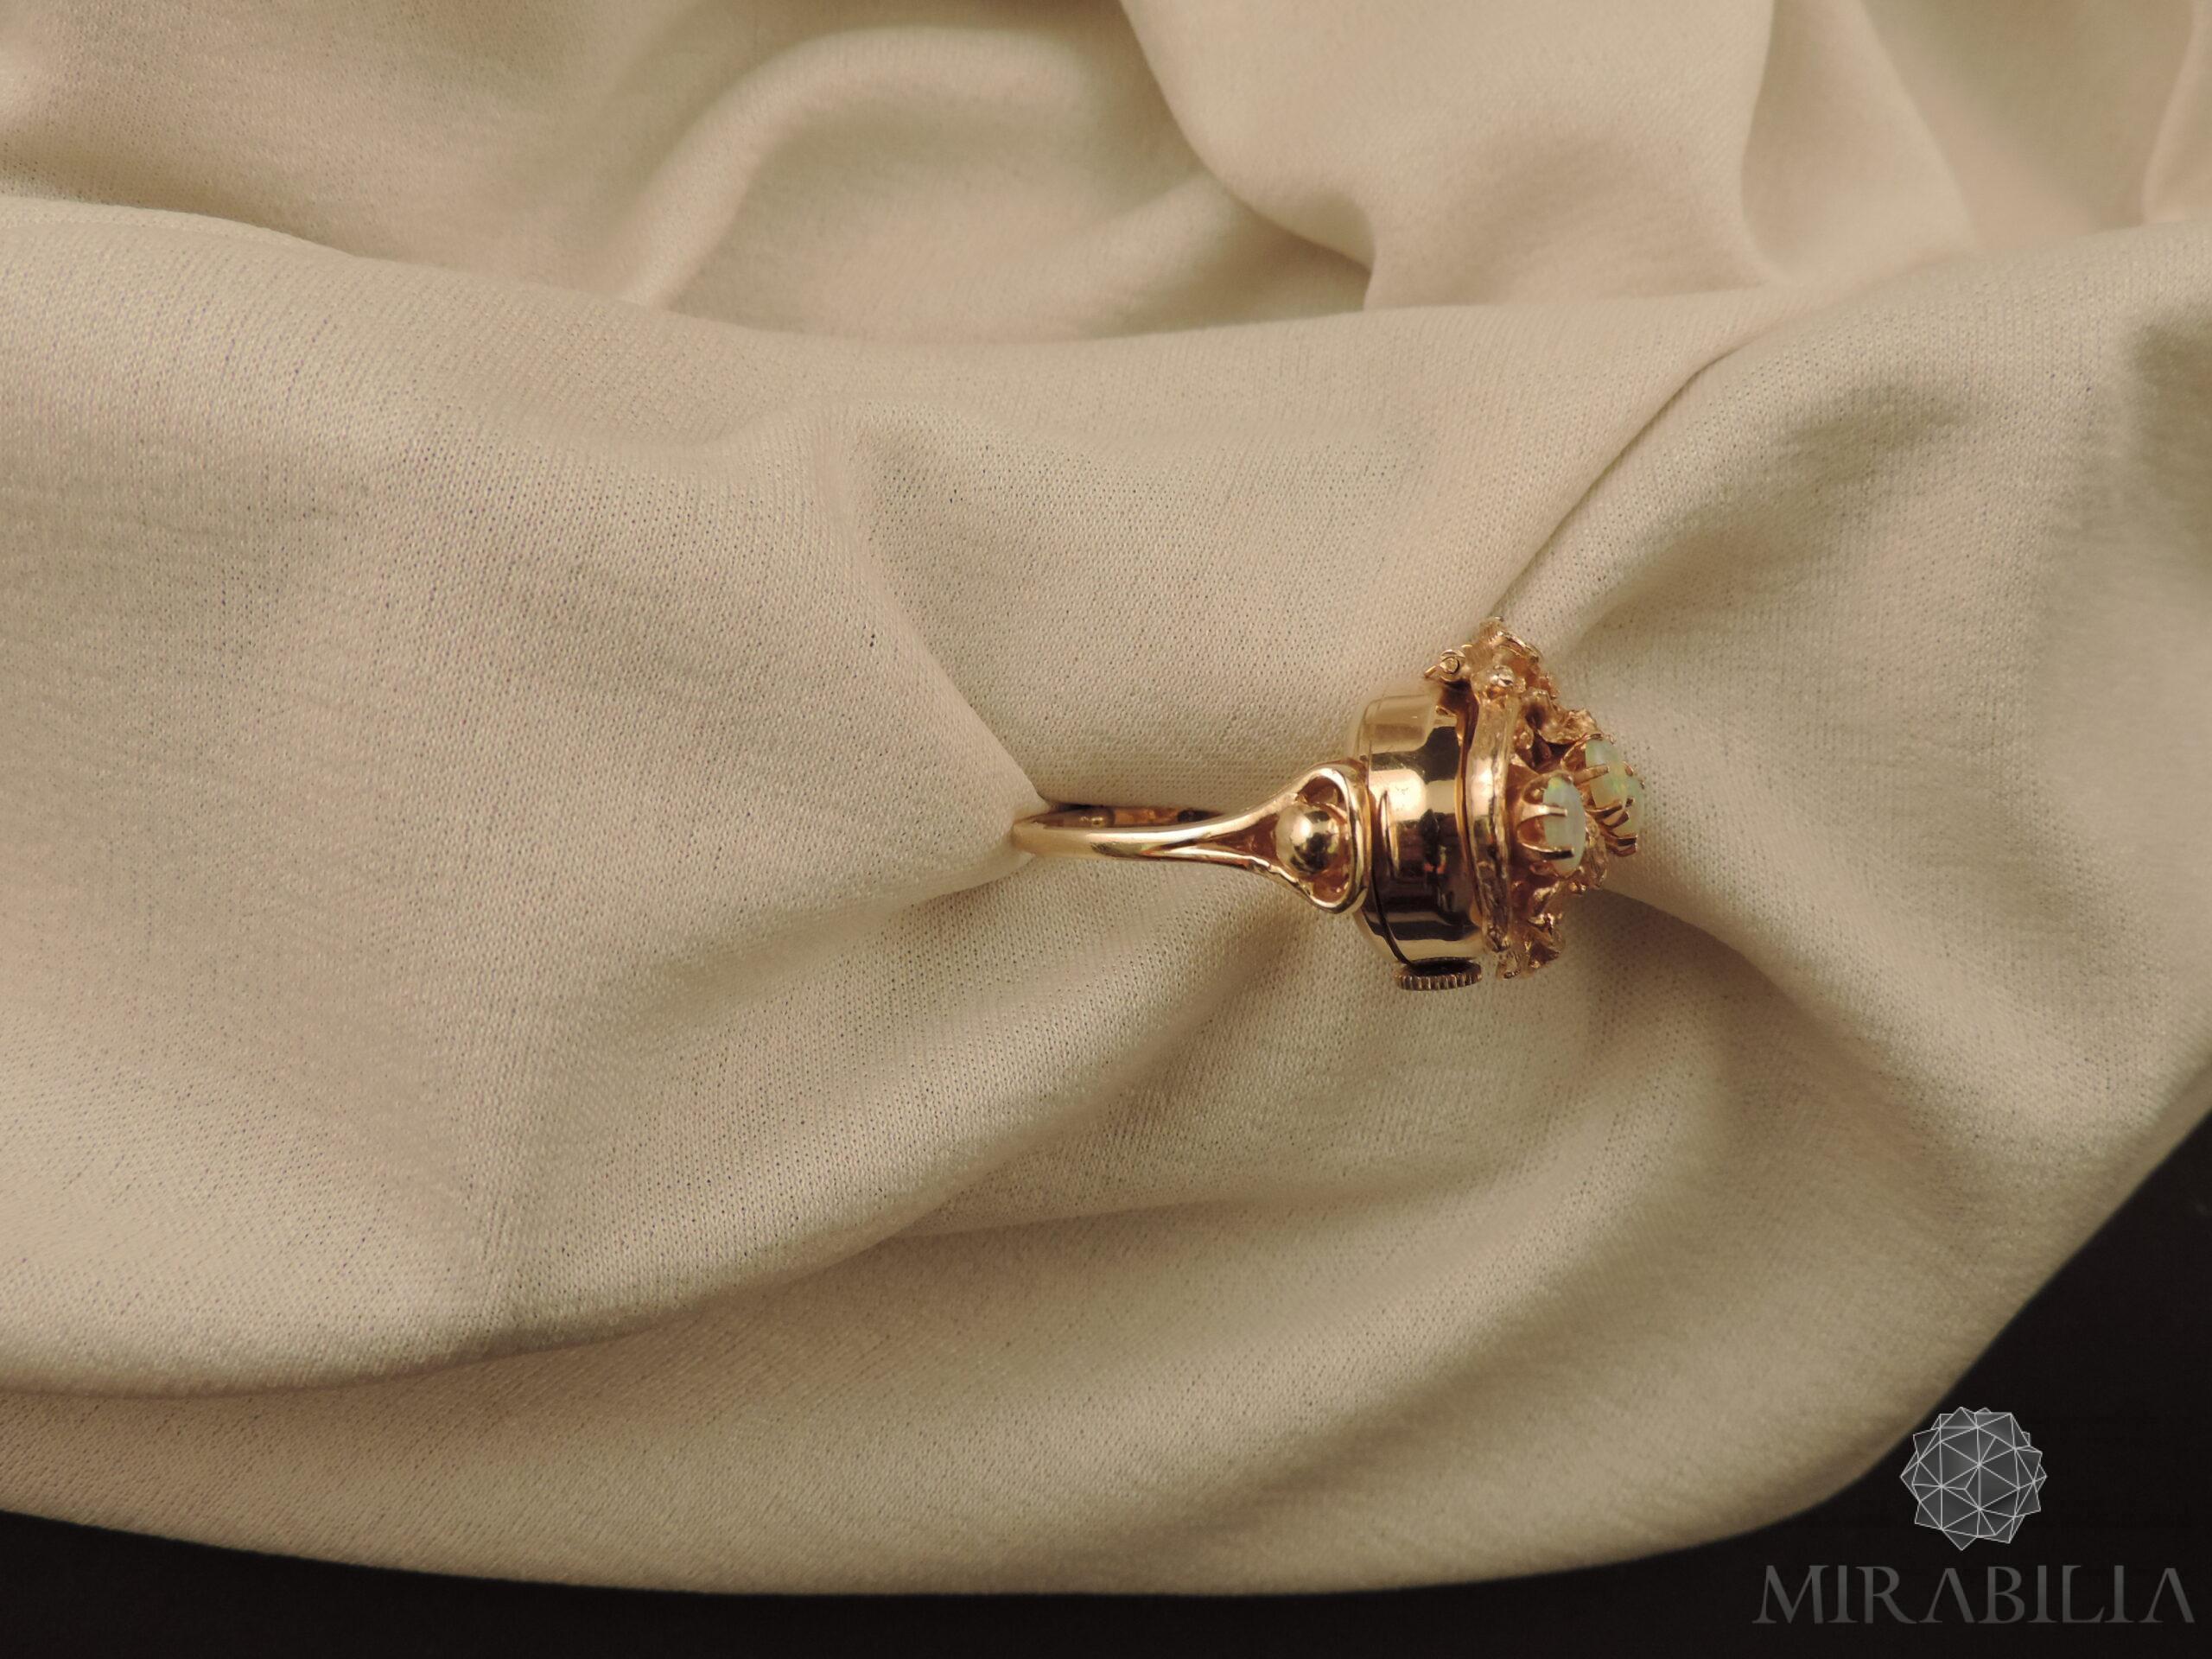 Anello con orologio Benat a scomparsa, in oro e opali, anni '50 (dettaglio lato)